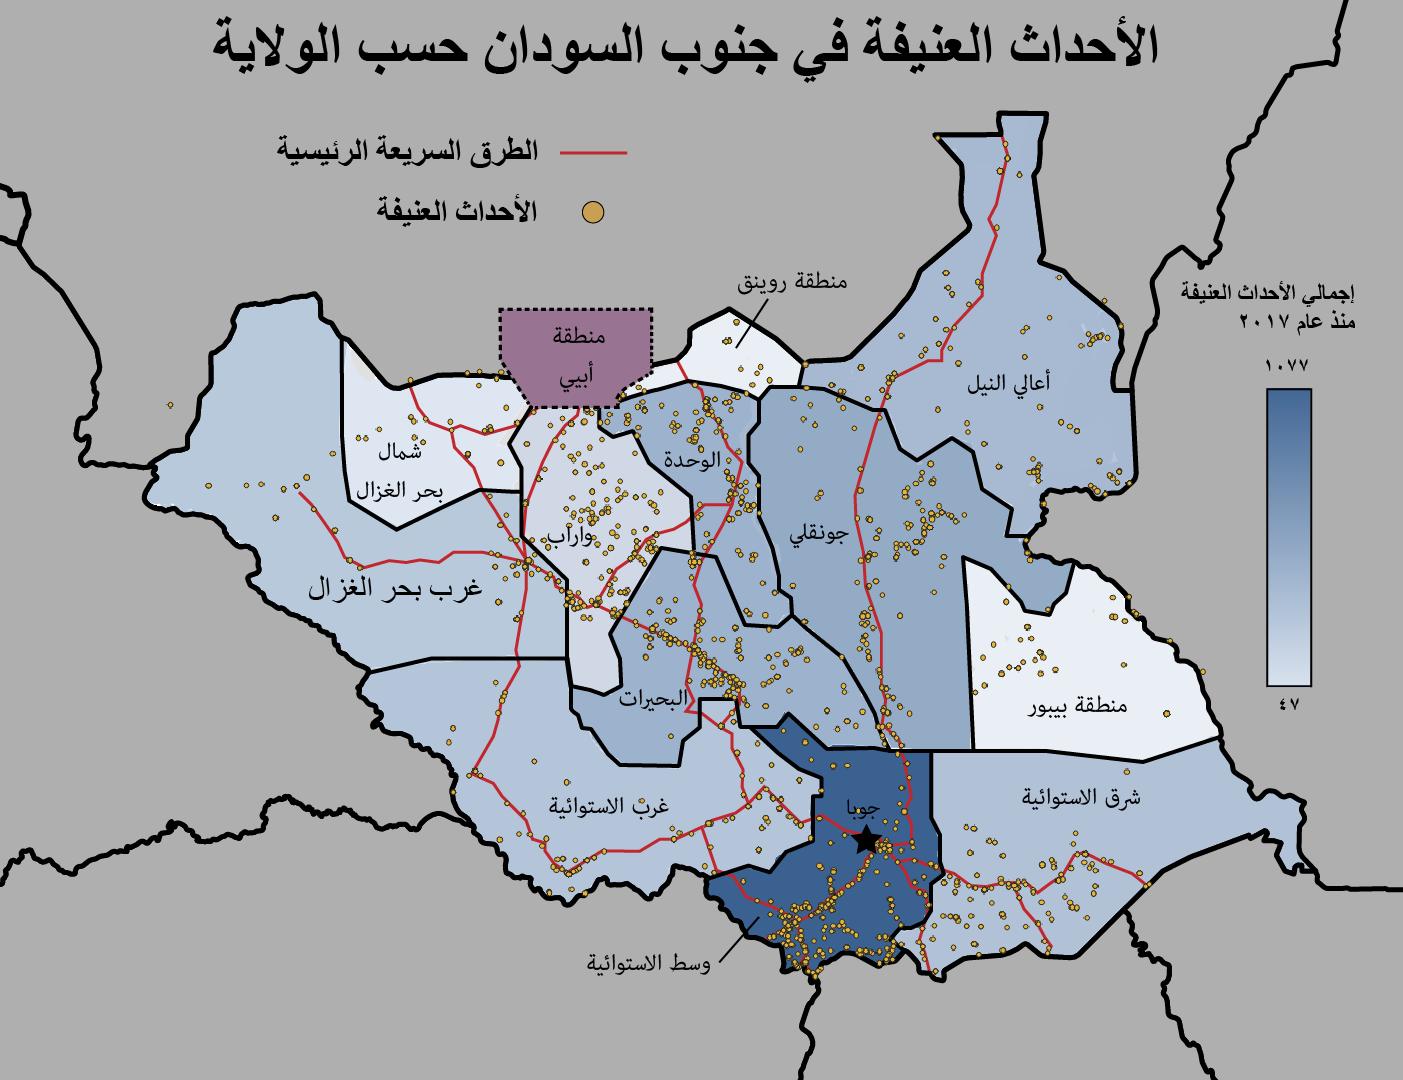 الأحداث العنيفة في جنوب السودان حسب الولاية